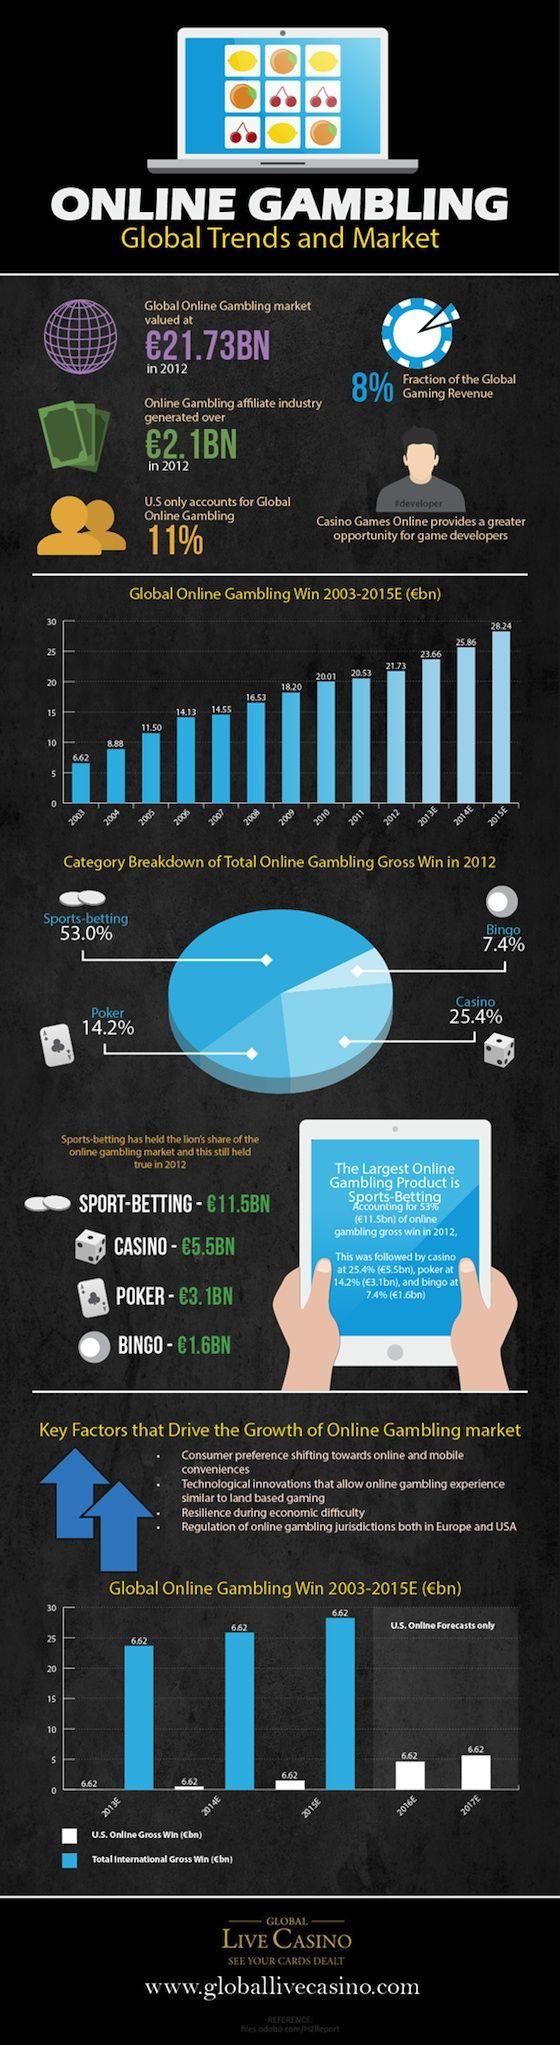 Online gambling vs.casino gambling black casino casino gambling internet jack net yourbestonlinecasino.com